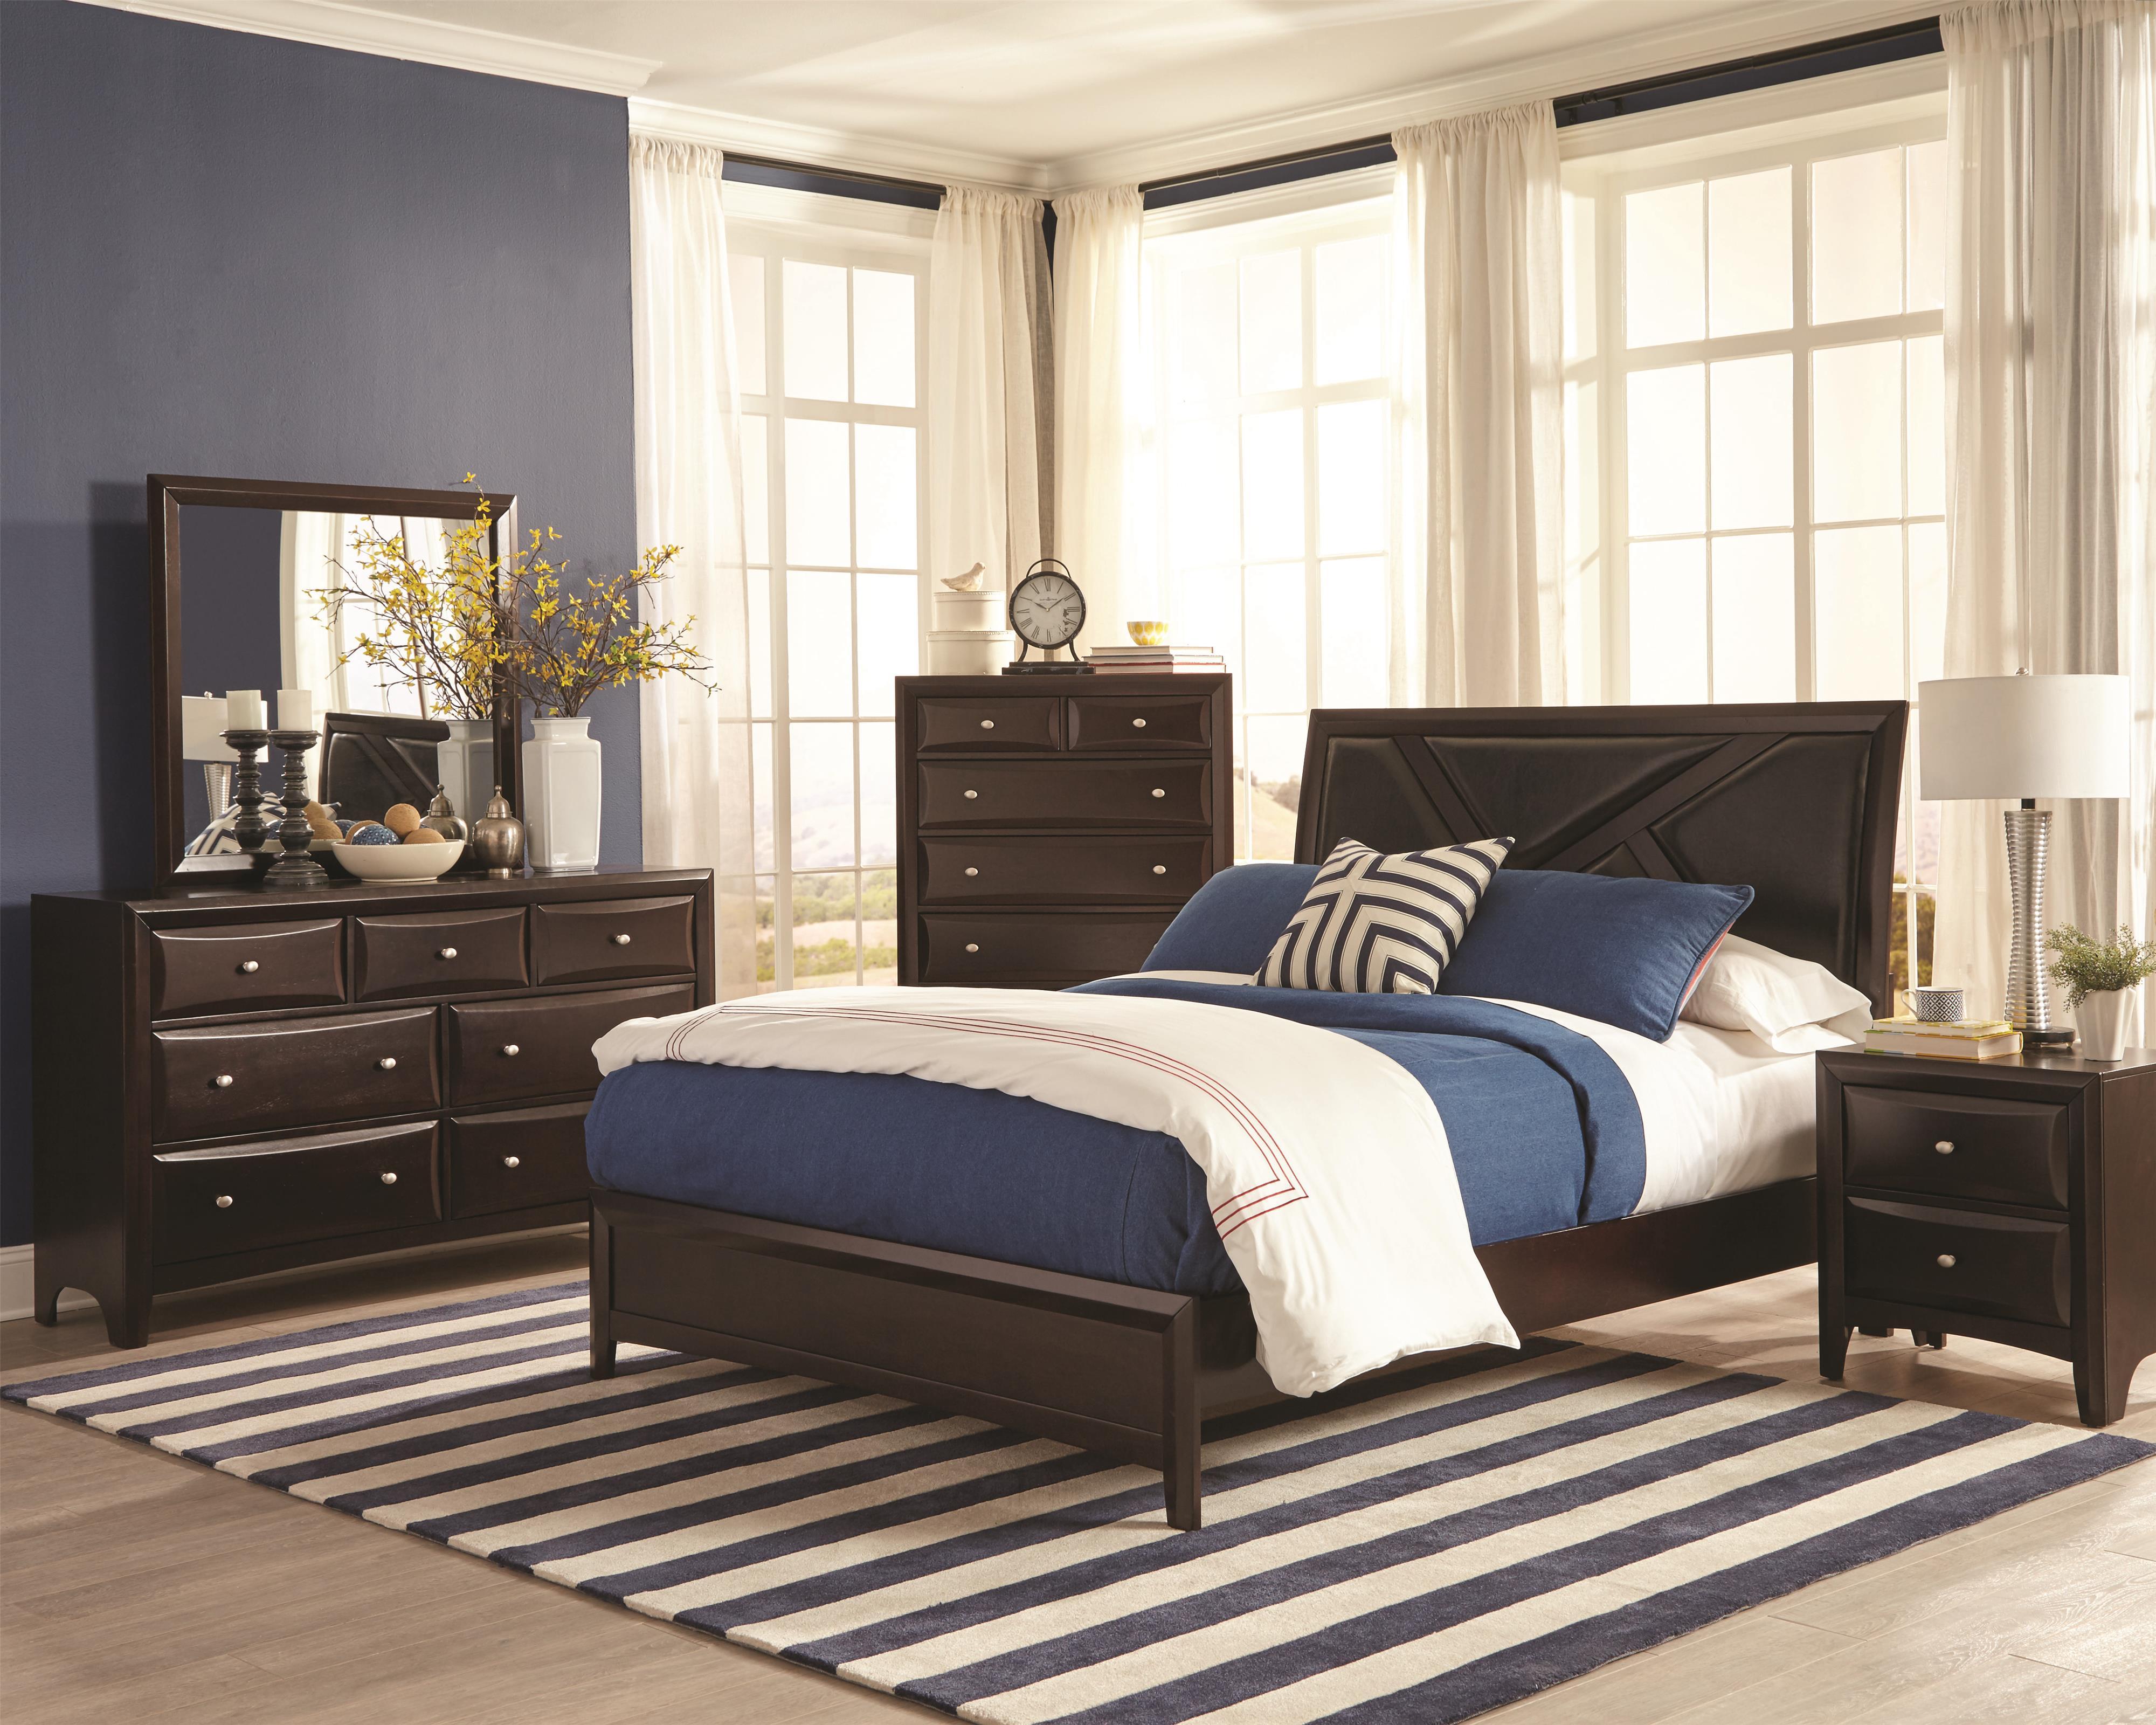 Coaster Rossville King Bedroom Group - Item Number: 20438 K Bedroom Group 1